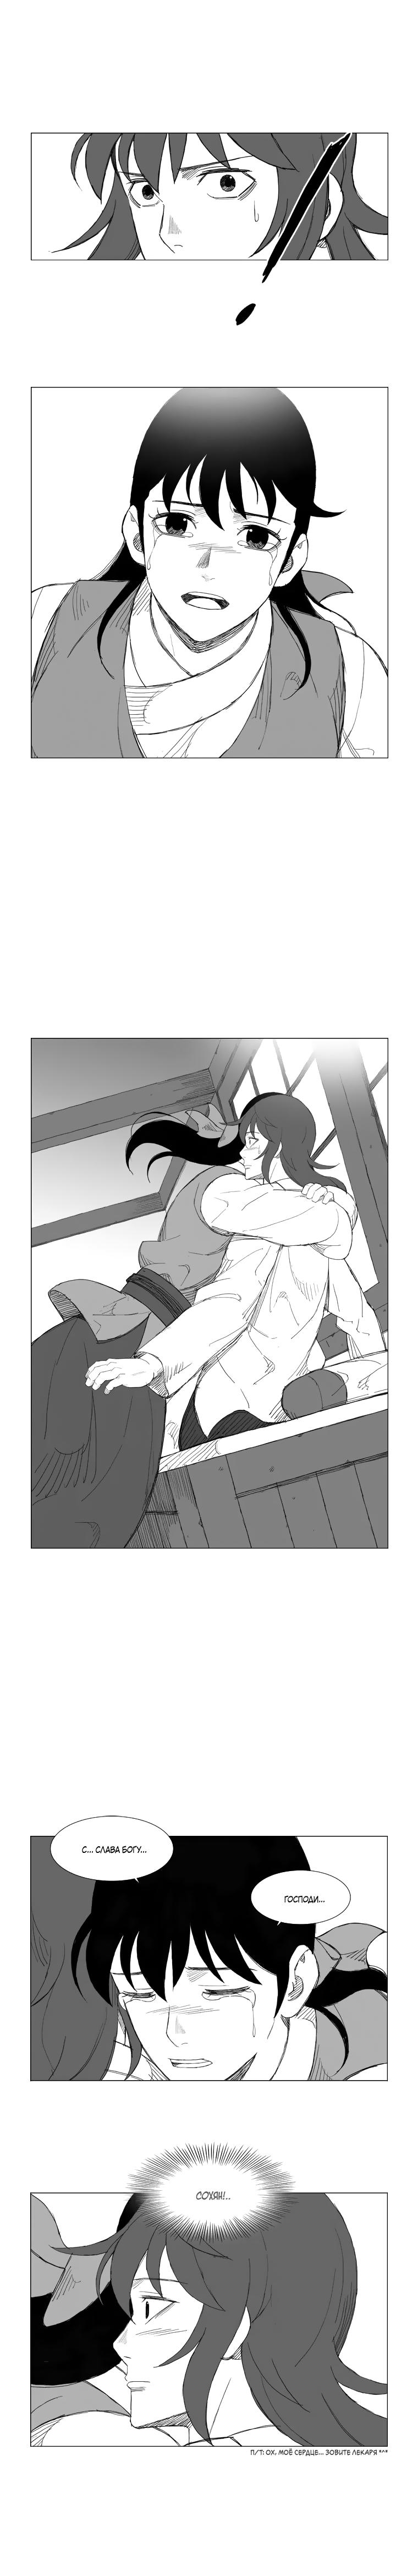 https://r1.ninemanga.com/comics/pic2/39/28263/416244/1532707535374.png Page 4